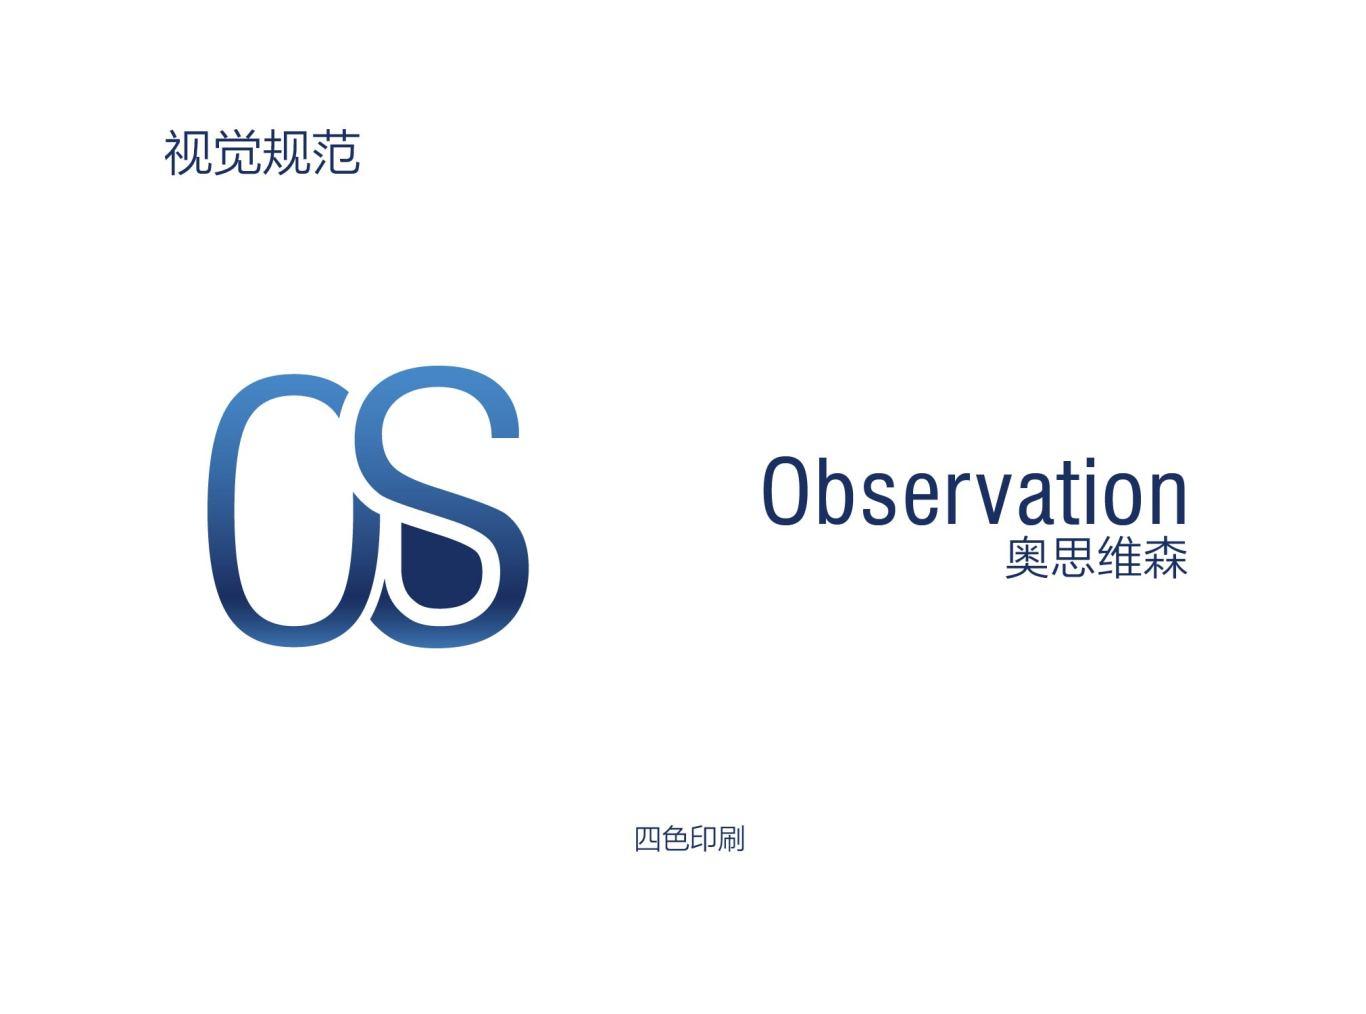 奥思维森logo设计图3